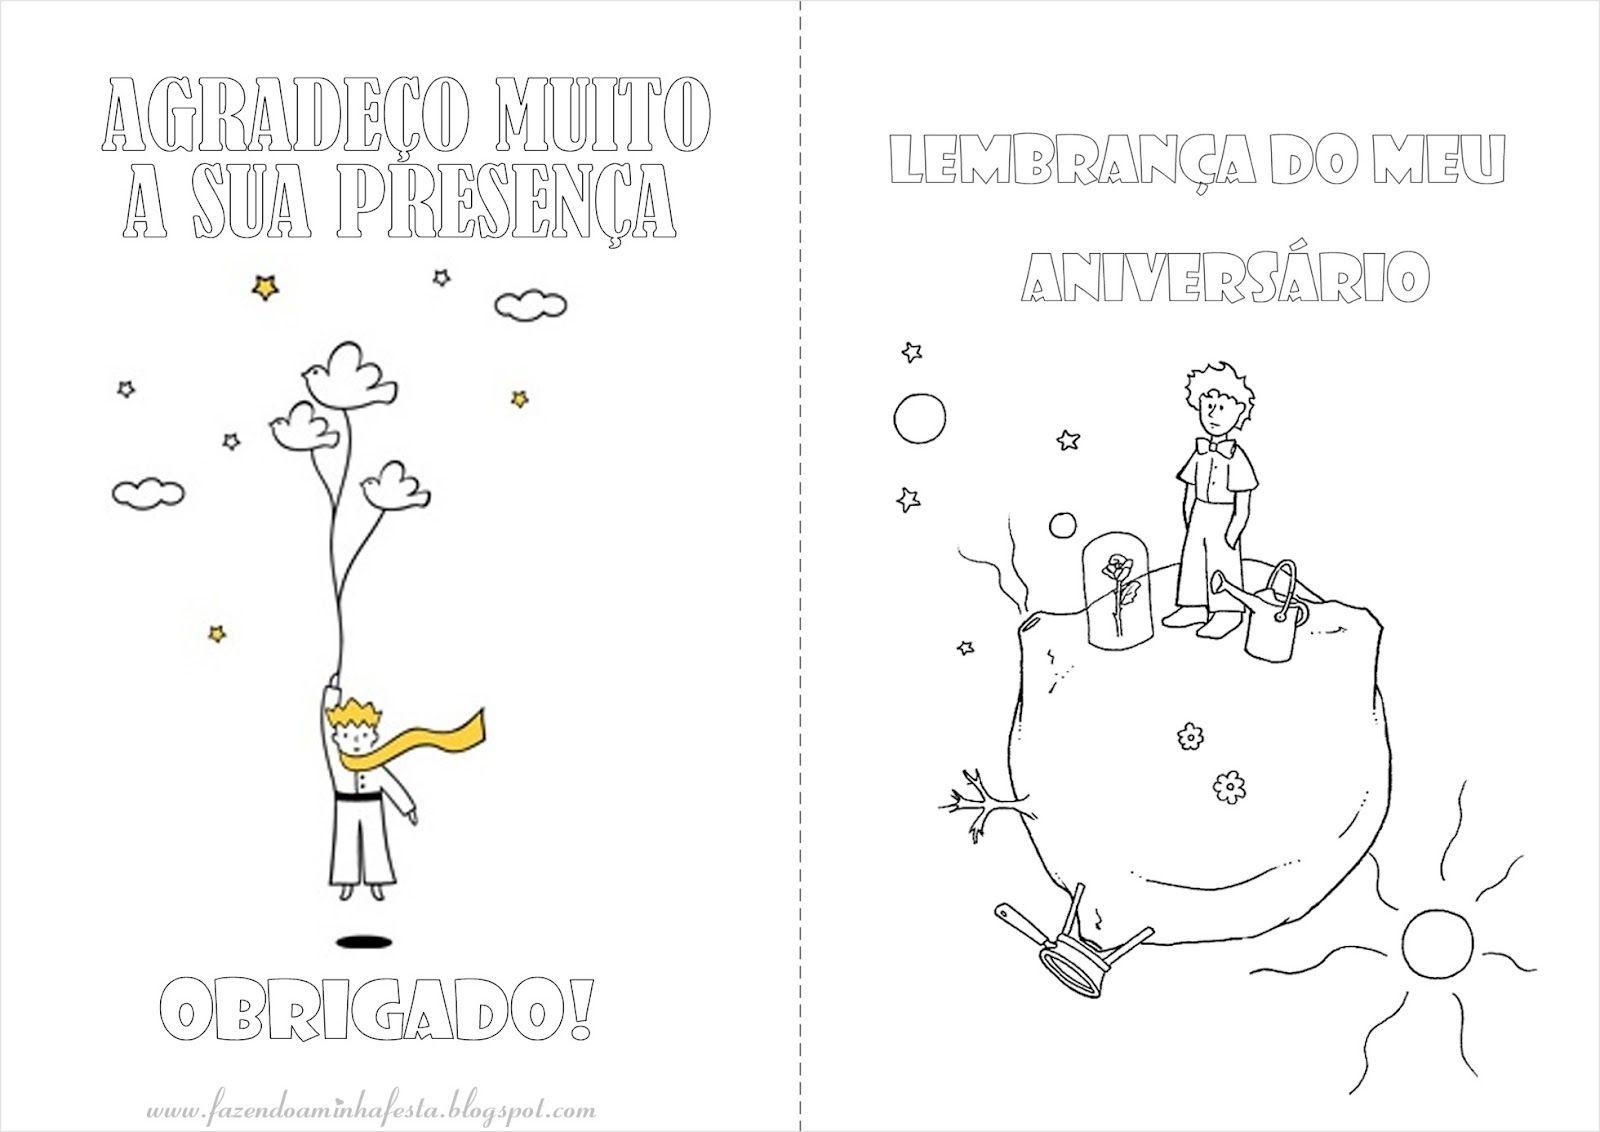 Livrinho de colorir com atividades - Lembrancinhas do tema O pequeno ...